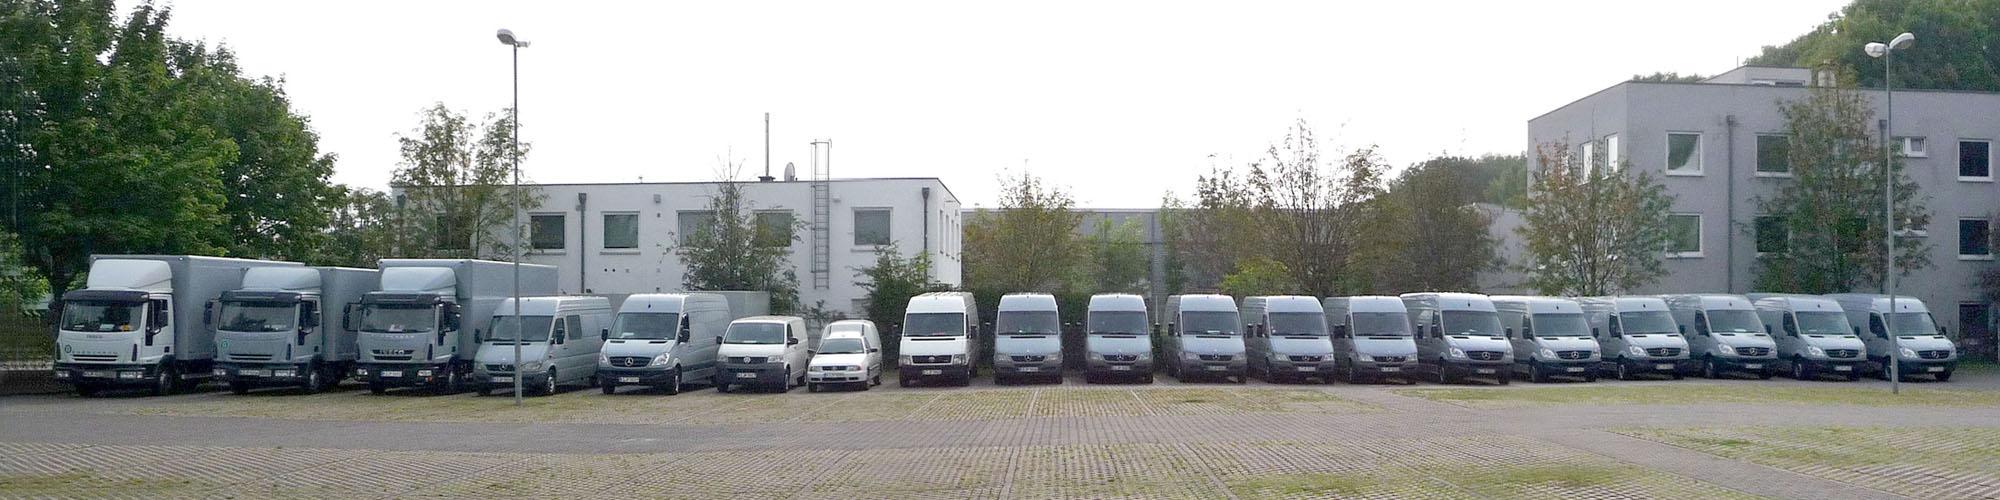 DTL Köln Fuhrpark